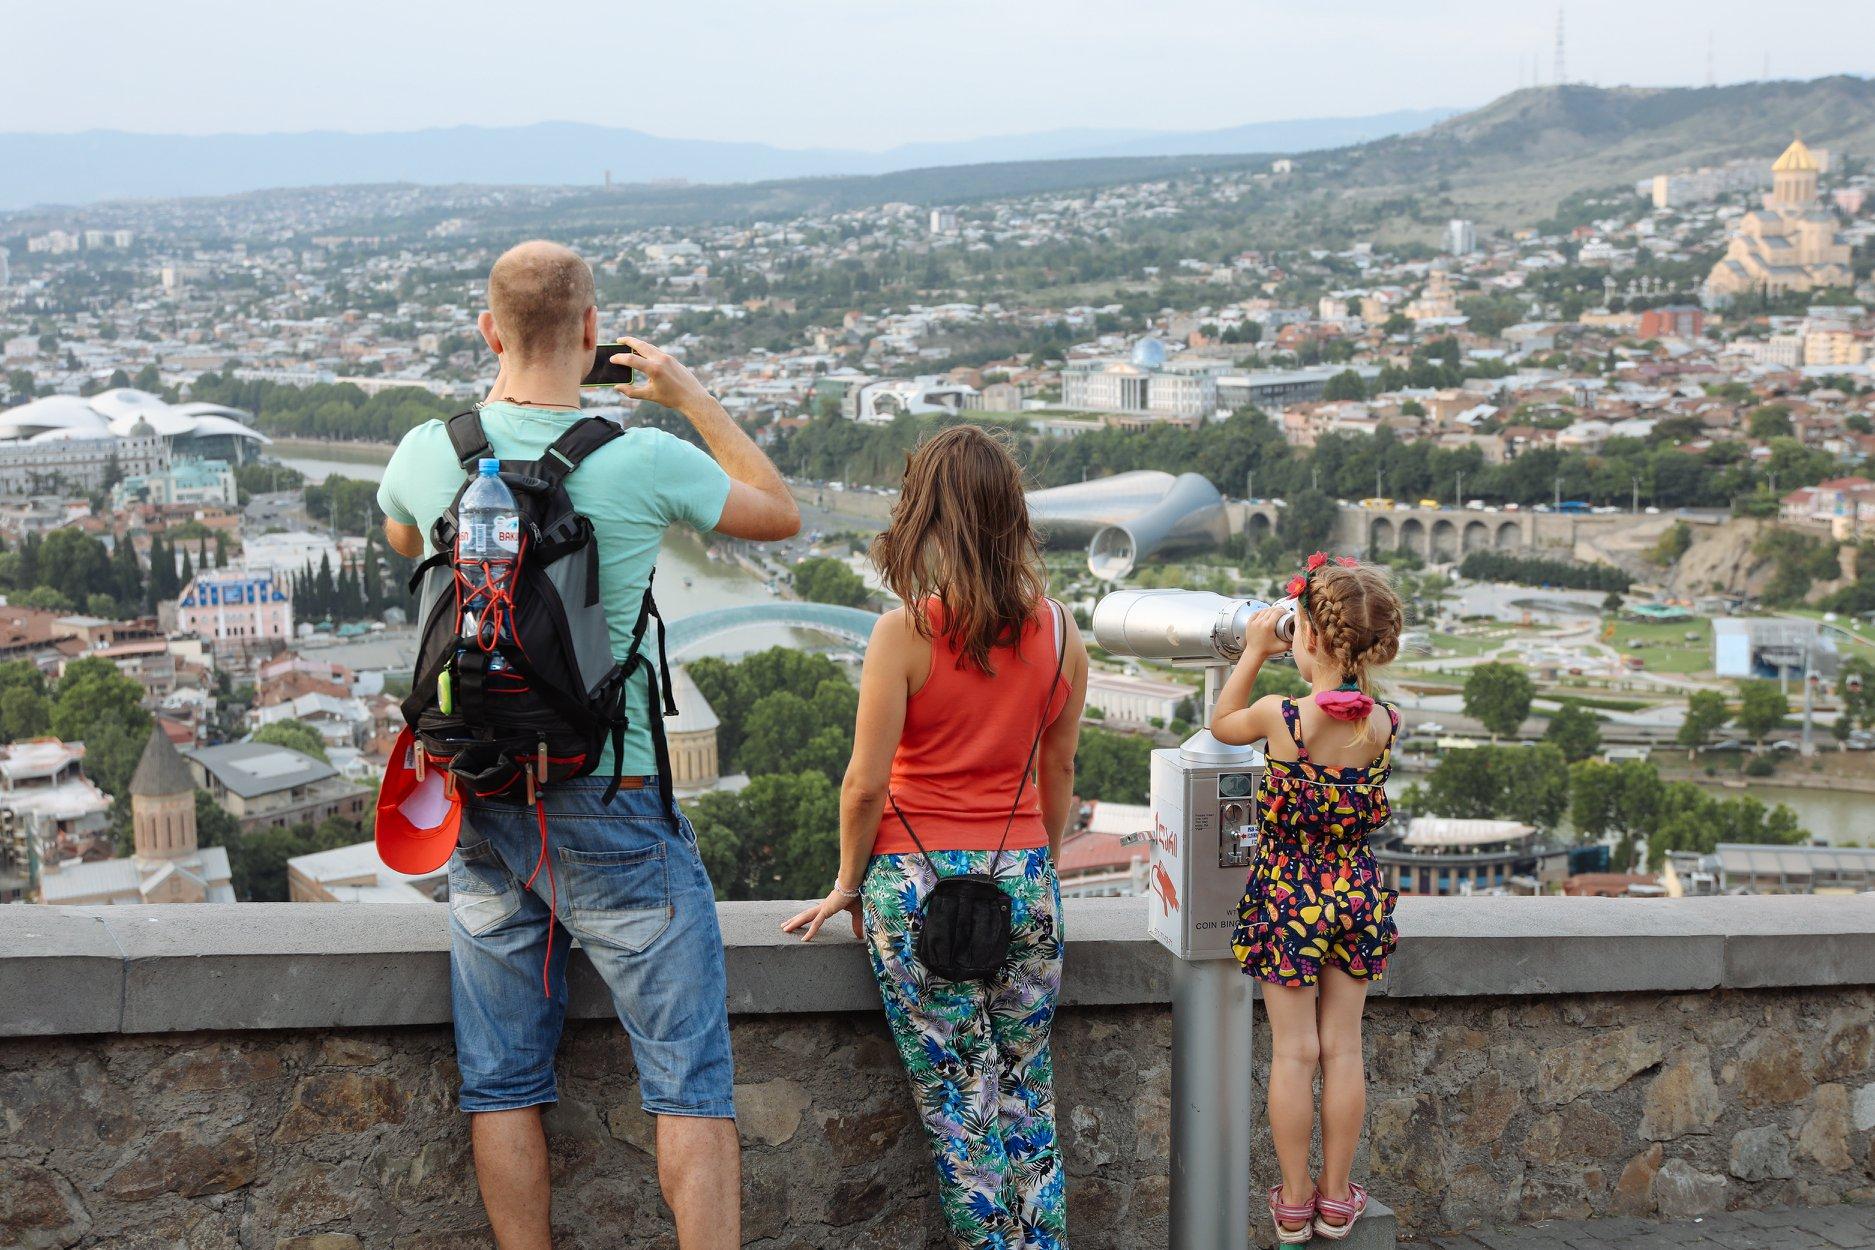 Tourists #новости Грузия-Россия, туризм